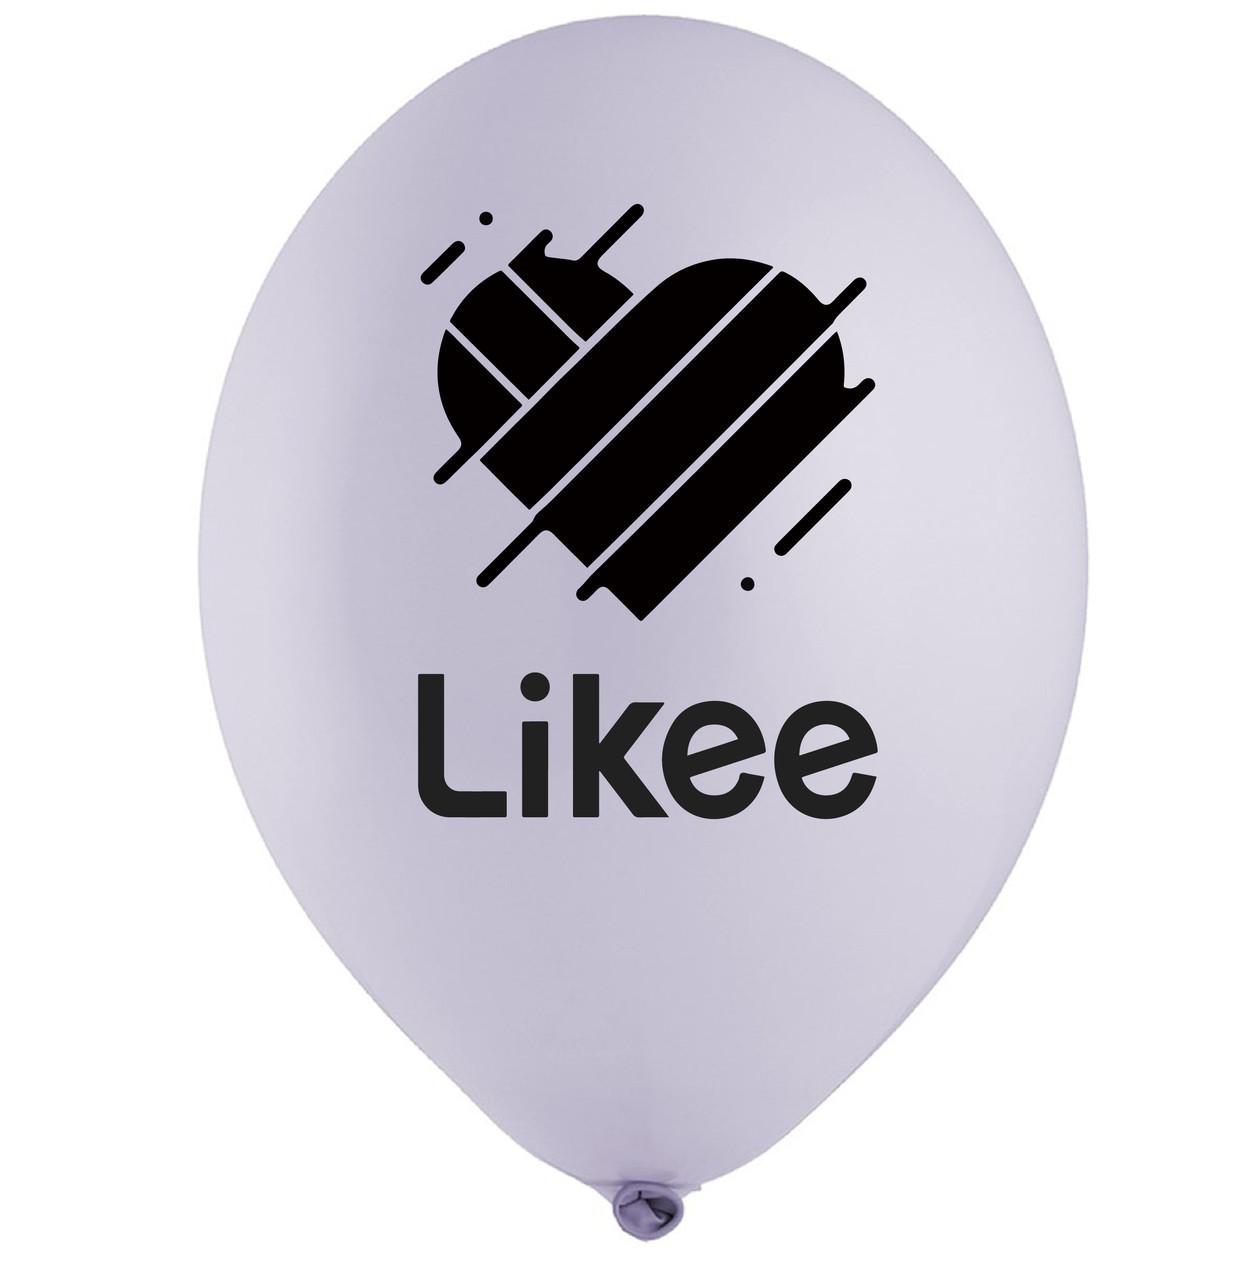 """Латексна кулька 12"""" лілова з чорним двосторонім малюнком """"Likee"""" (BelBal)"""